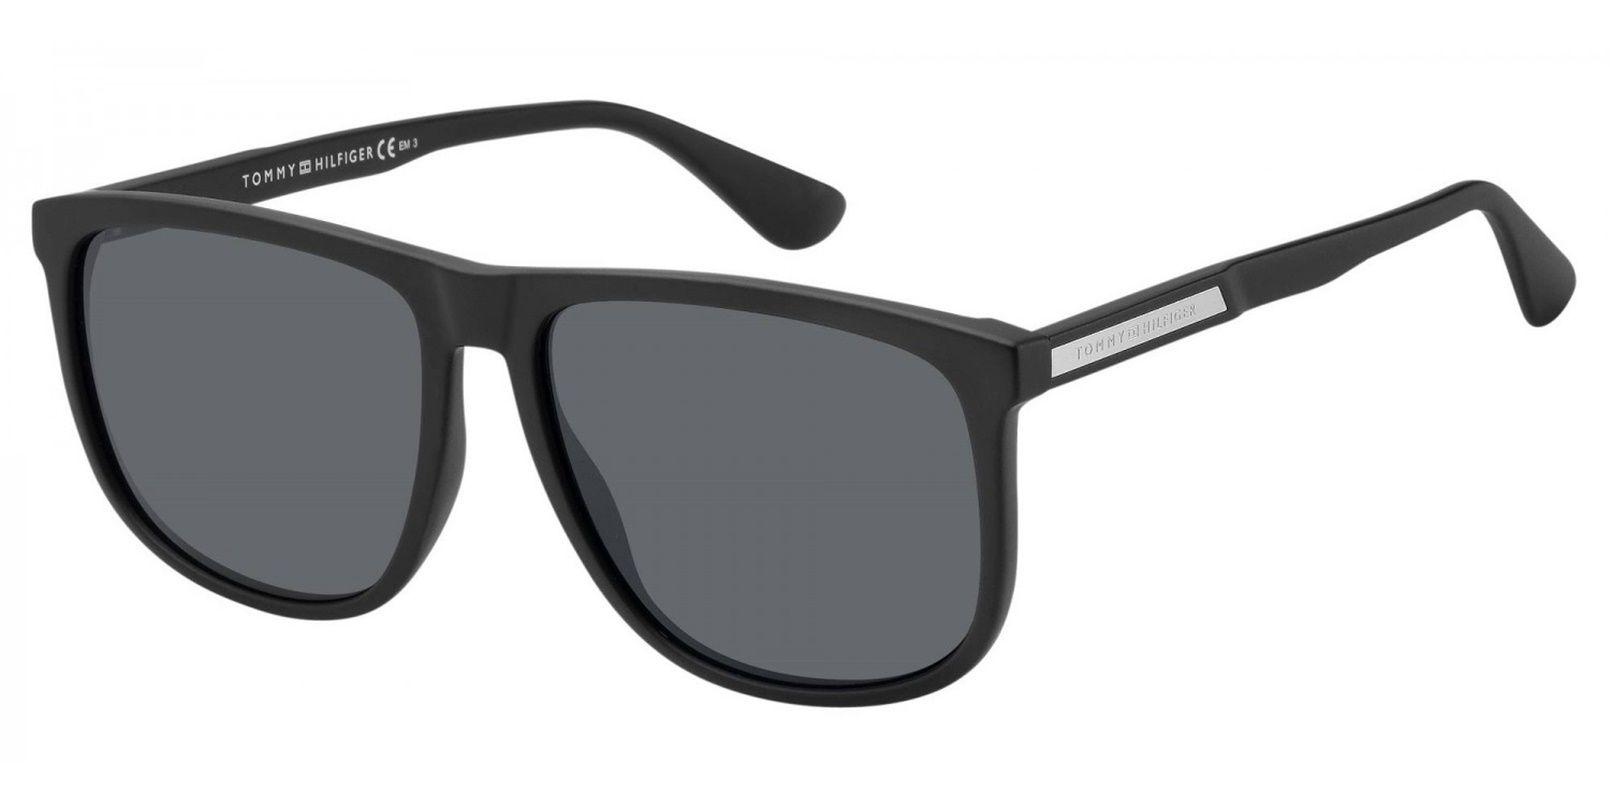 Óculos de Sol Tommy Hilfiger TH1546 S 003IR - Omega Ótica e Relojoaria 3a3d10db94